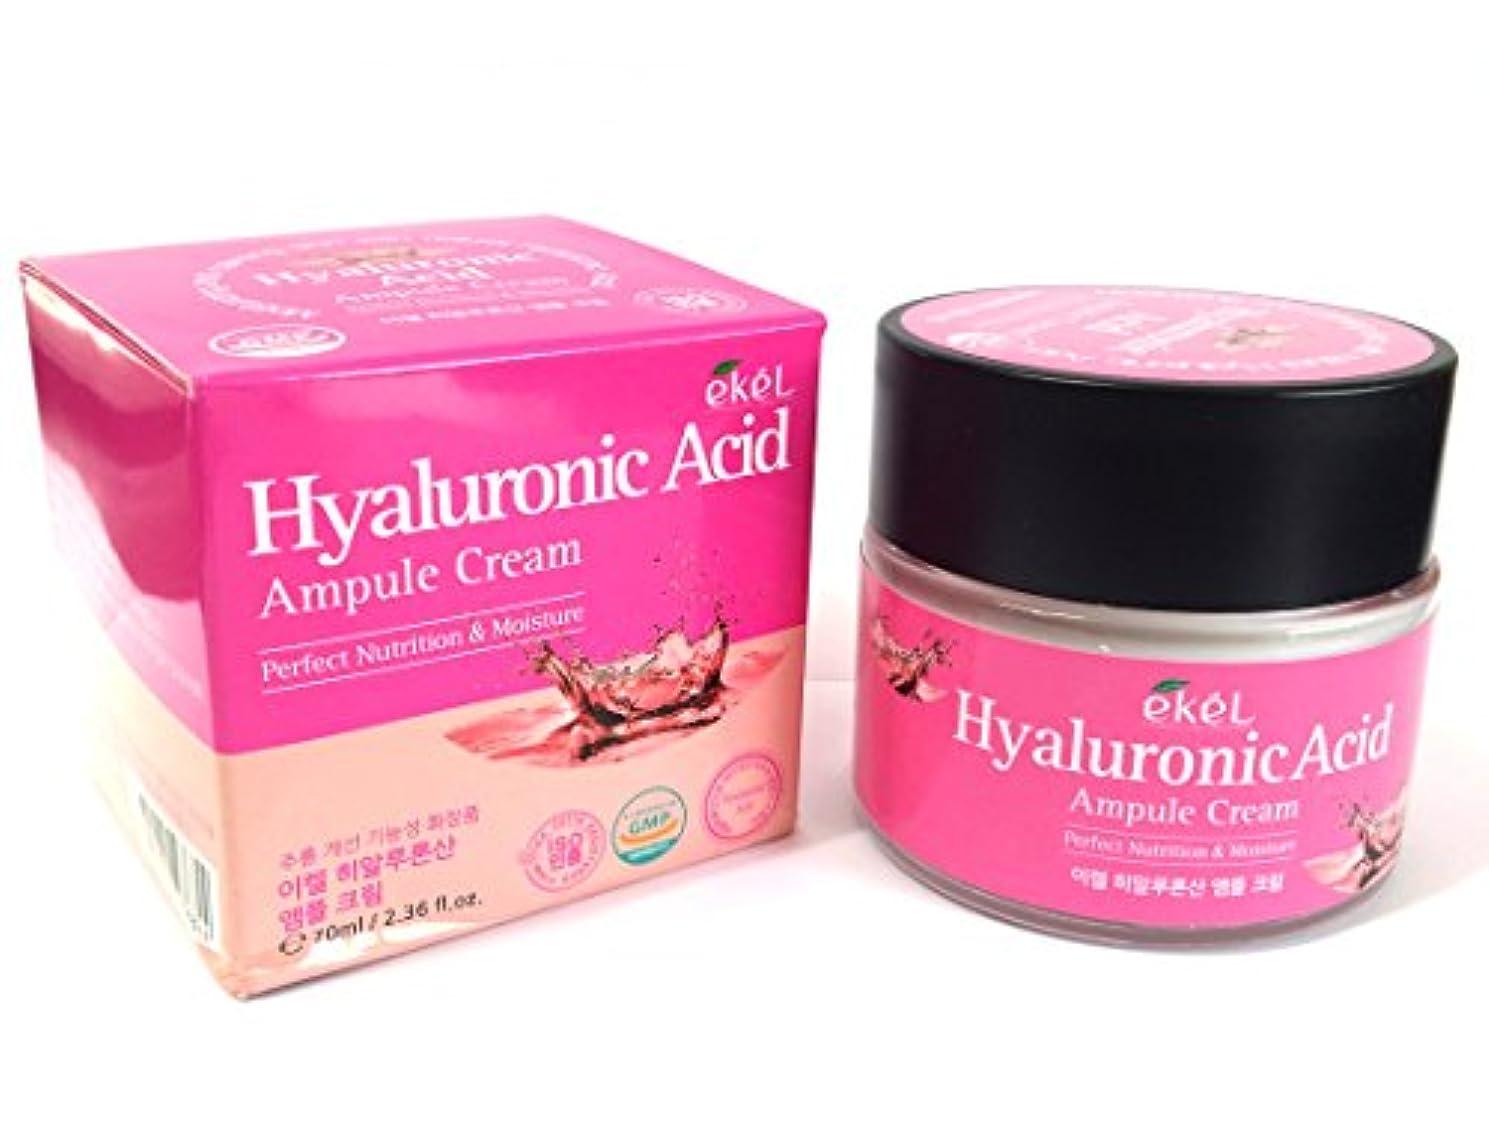 ビジター護衛浪費[EKEL] ヒアルロン酸アンプルクリーム70ml / 完璧な栄養と水分 / 韓国化粧品/ Hyaluronic Acid Ampule Cream 70ml / Perfect Nutrition & Moisture...